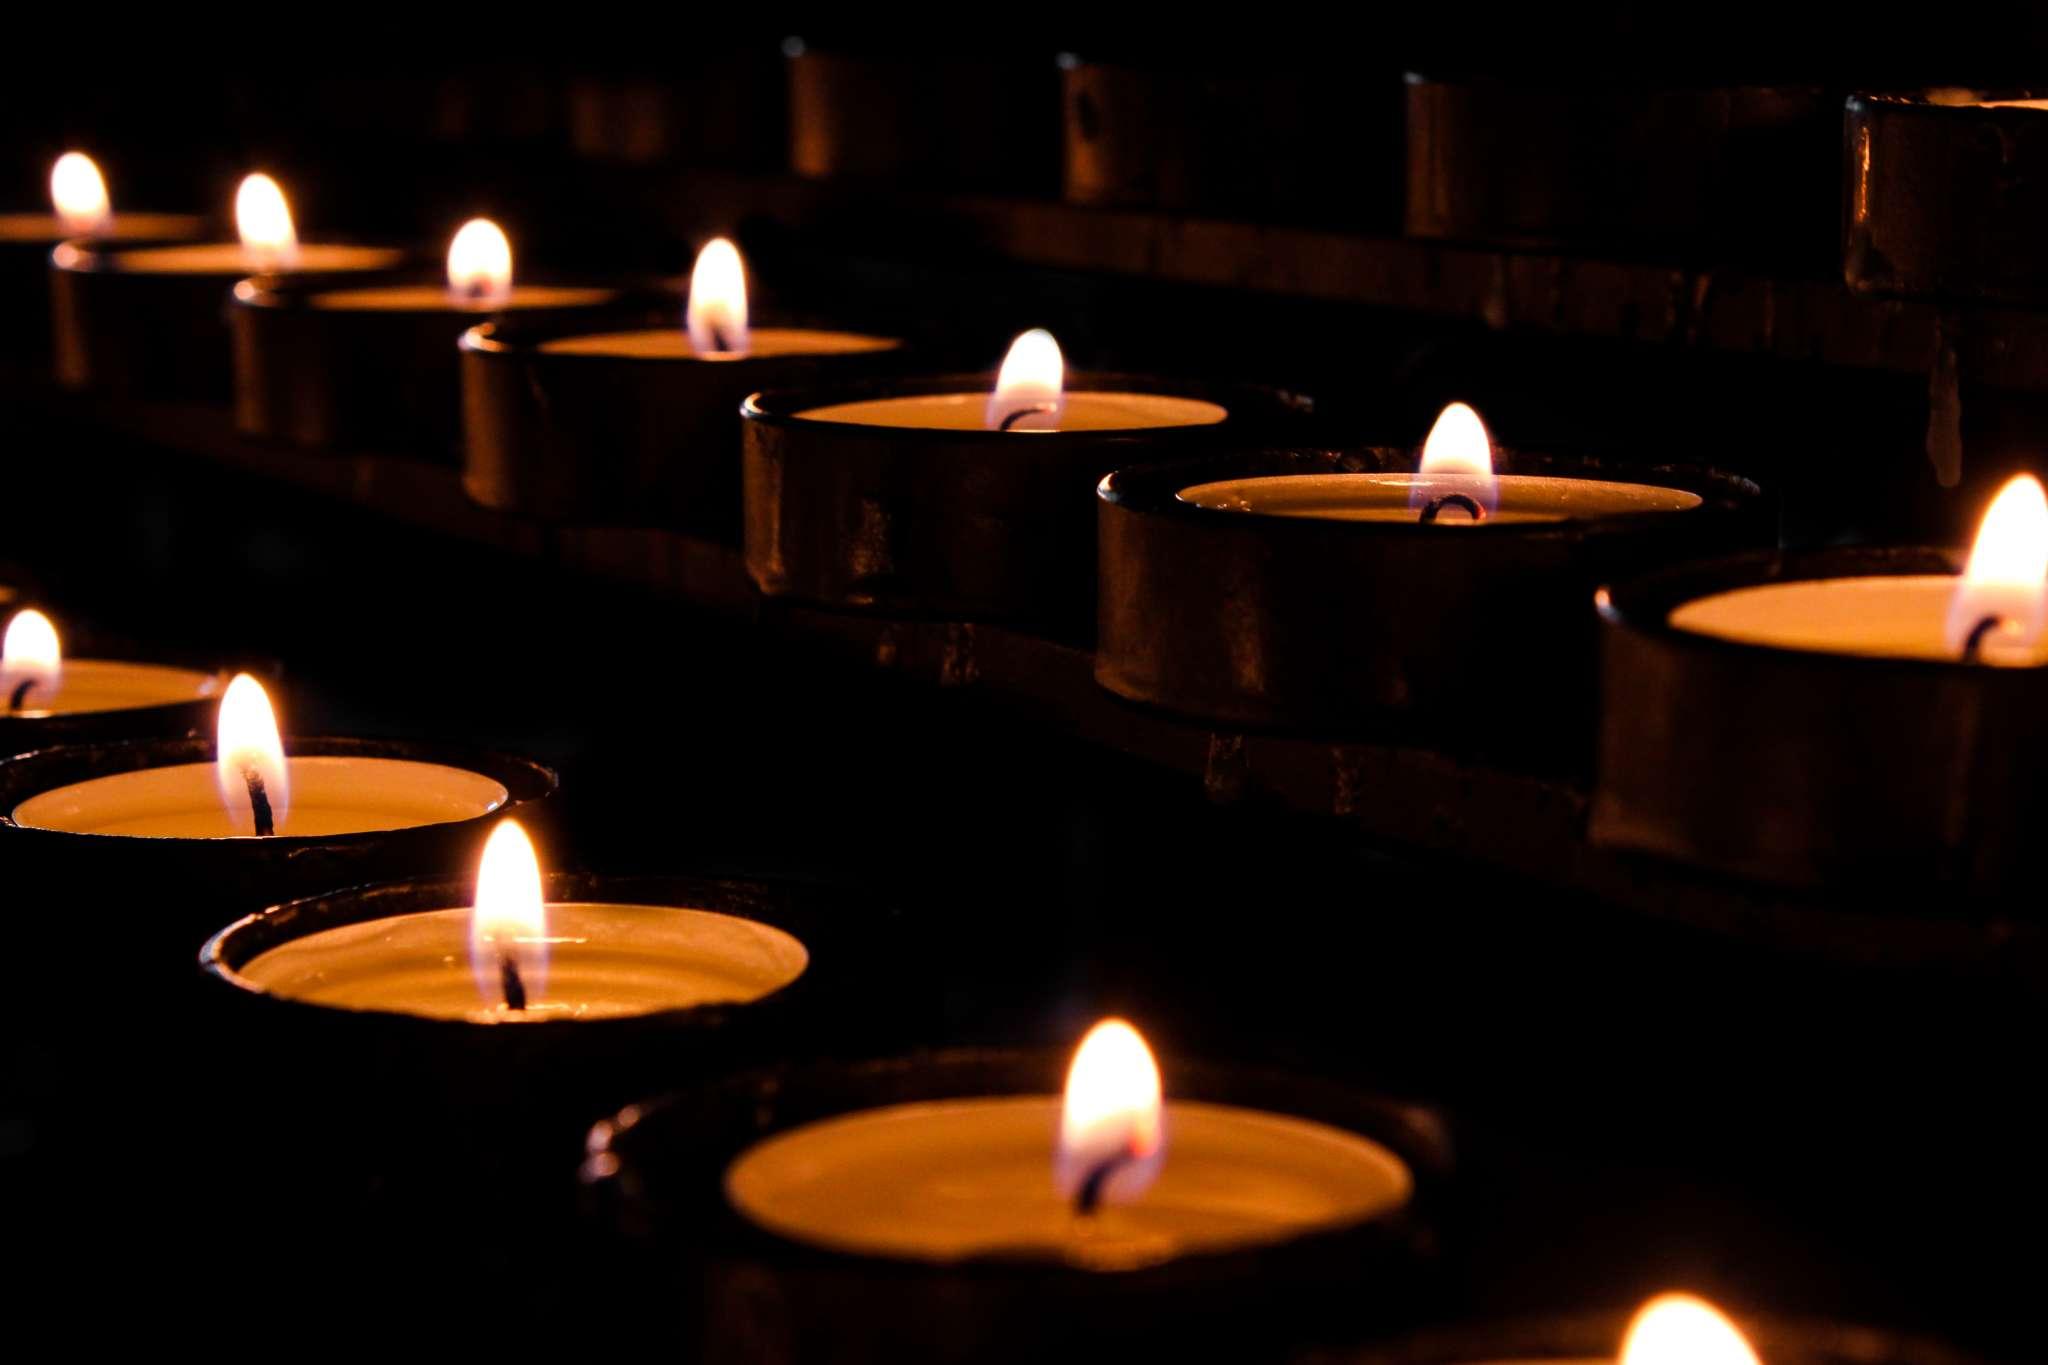 El 13 de octubre la liturgia recuerda a las personas, que por su carácter de bienhechores tienen un vínculo especial con los agustinos.